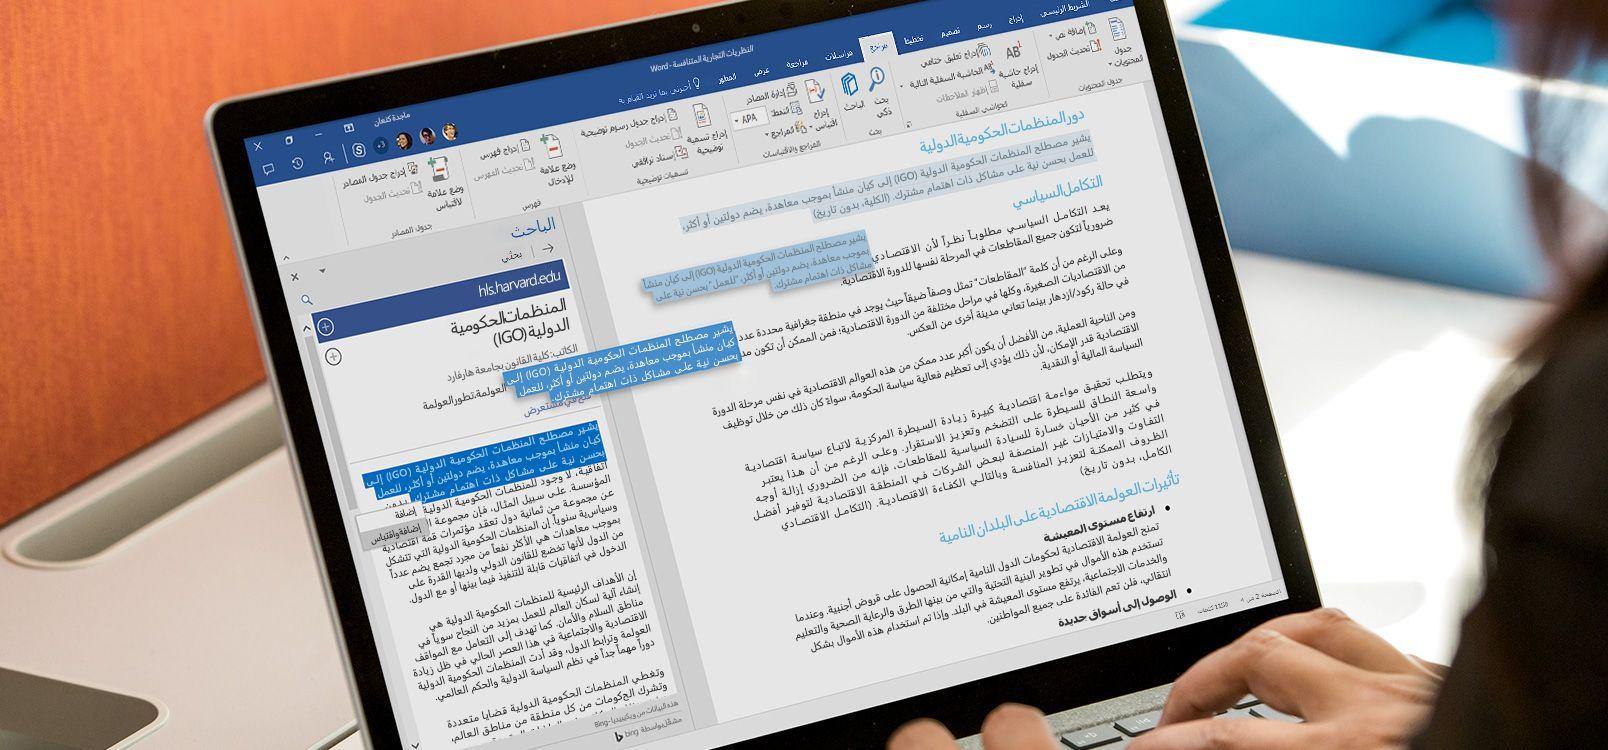 شاشة جهاز لوحي تعرض مستند Word يستخدم ميزة الباحث